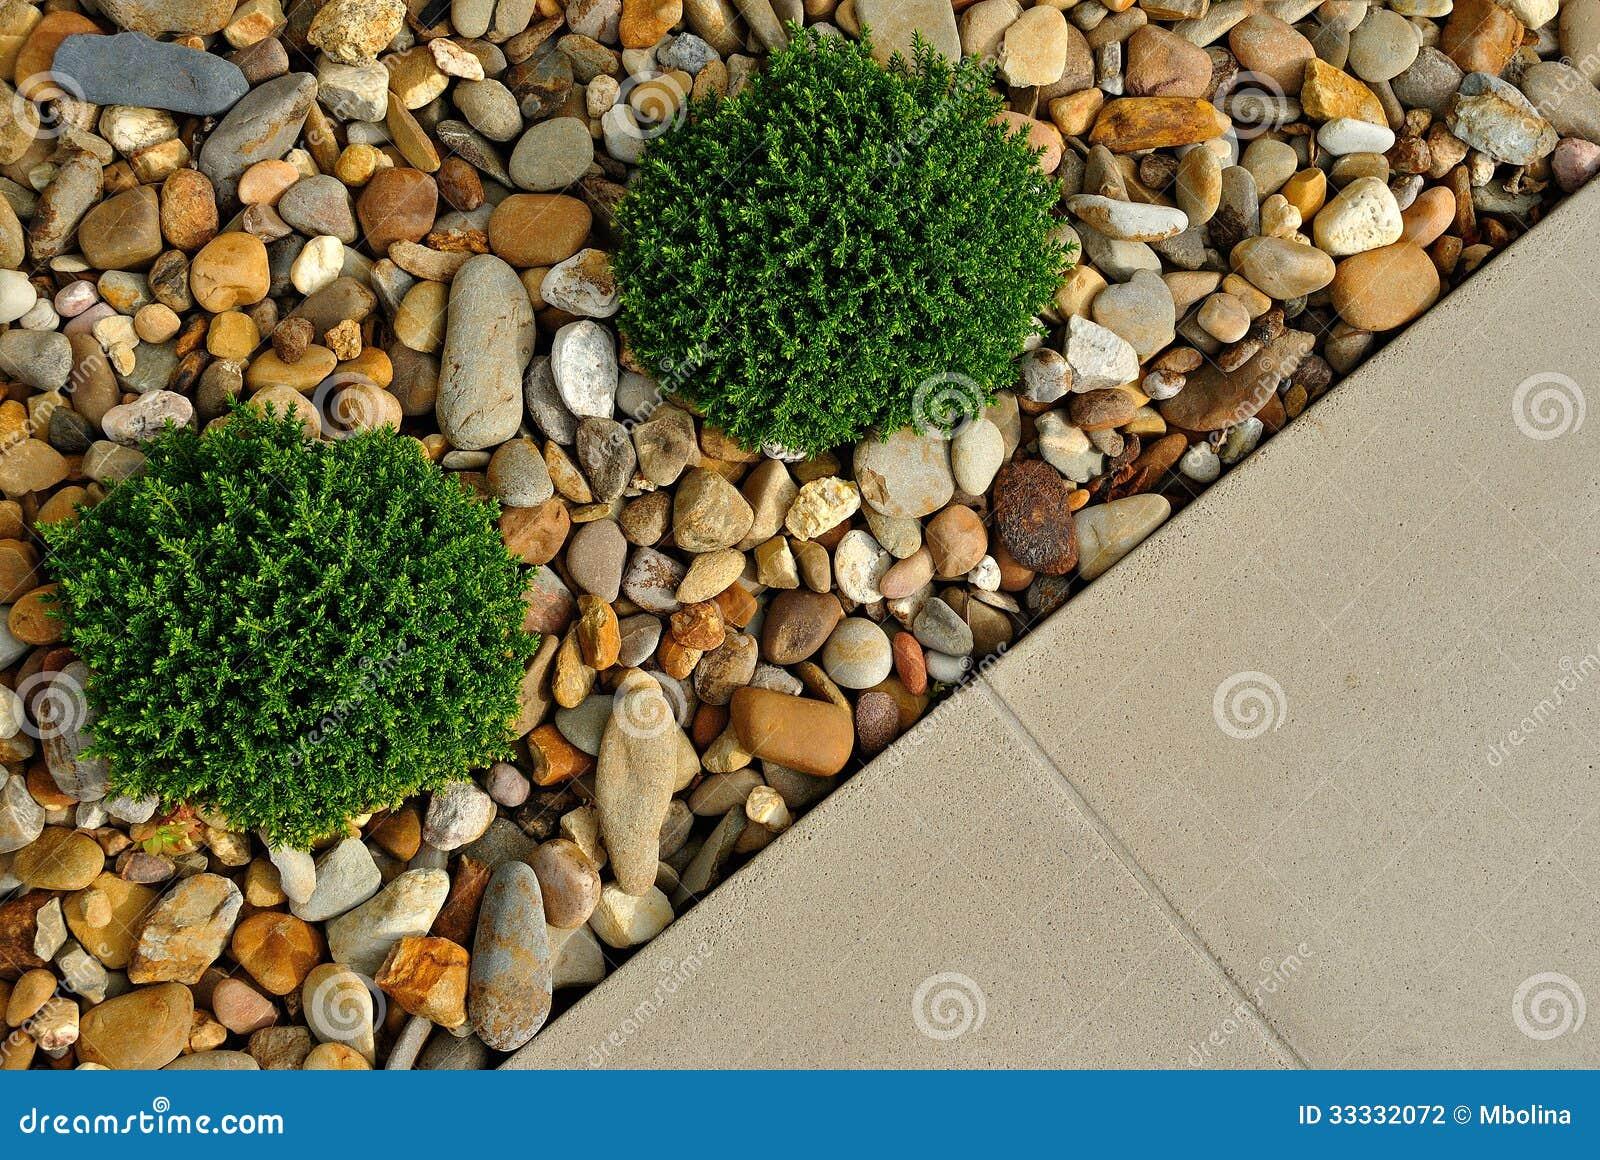 Conception ext rieure de jardin de paysage photographie for Conception de jardin